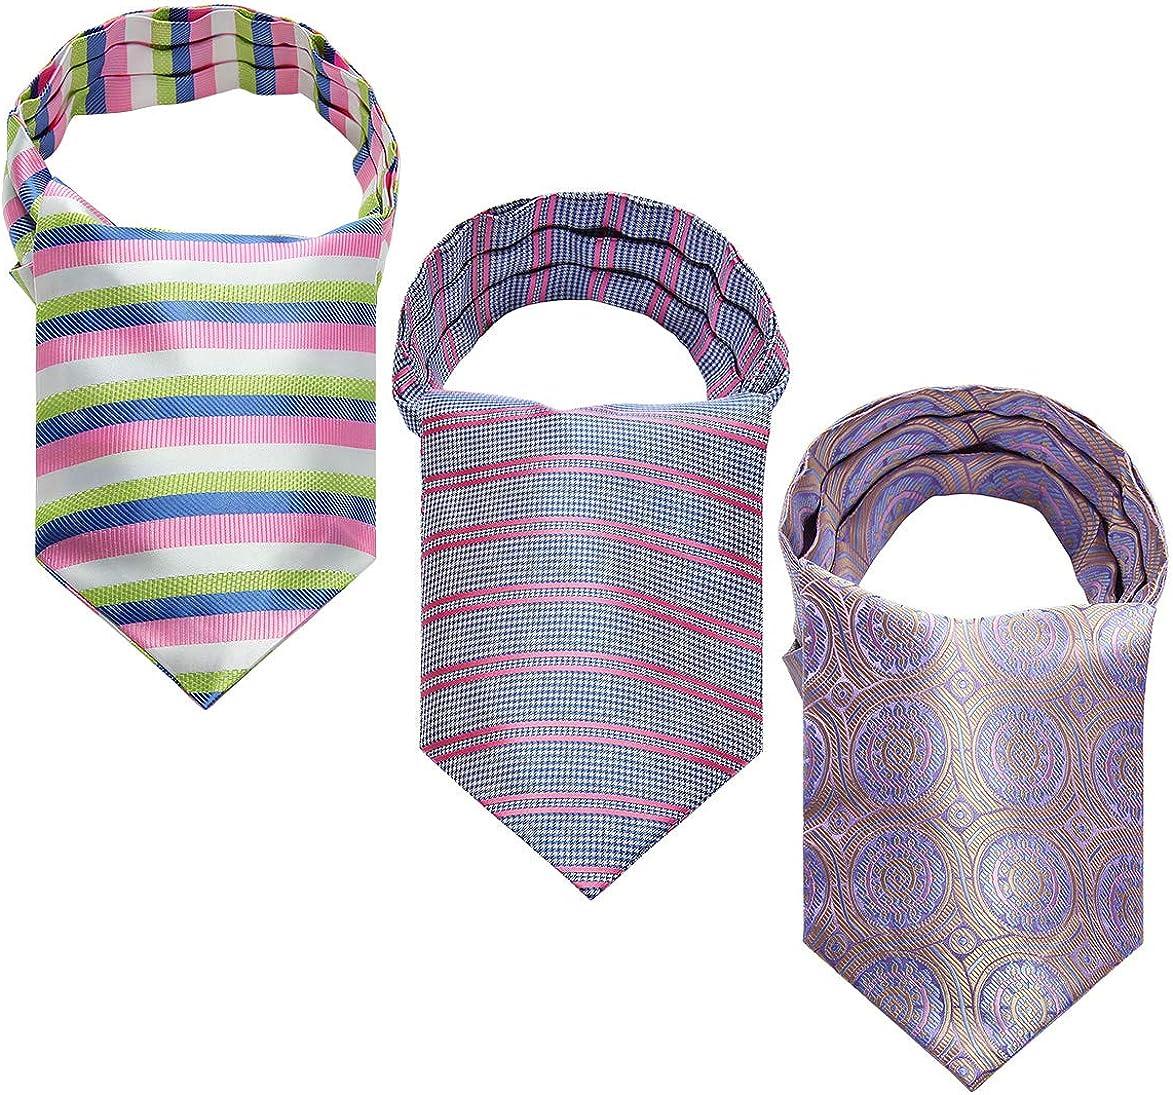 HISDERN Floral Paisley Stripe Cravat Ascot Tie for Men Wedding Party Cravat Scarf 3-Pack Combo